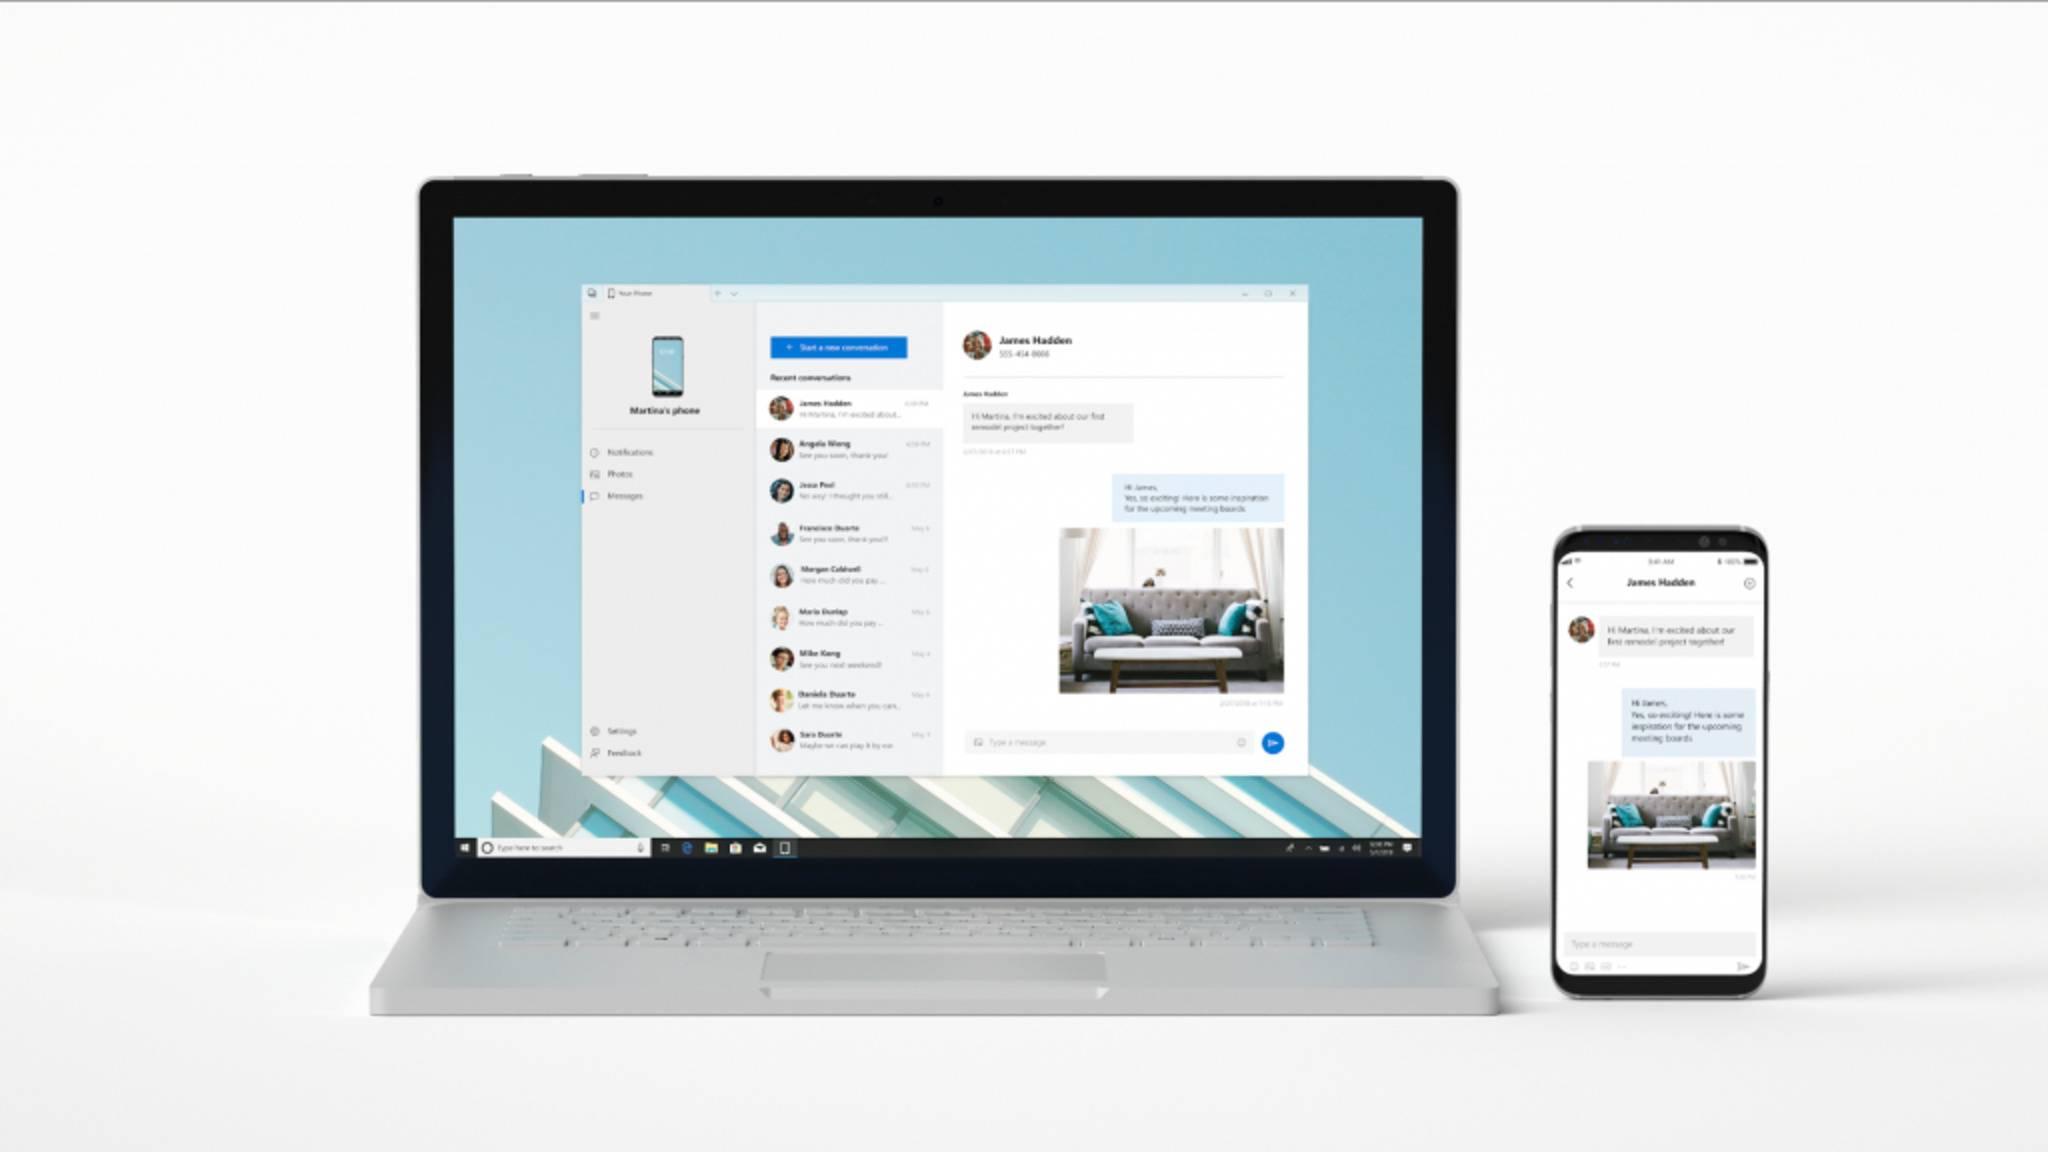 Die neue YouPhone-App spiegelt das Smartphone auf dem Desktop-PC.